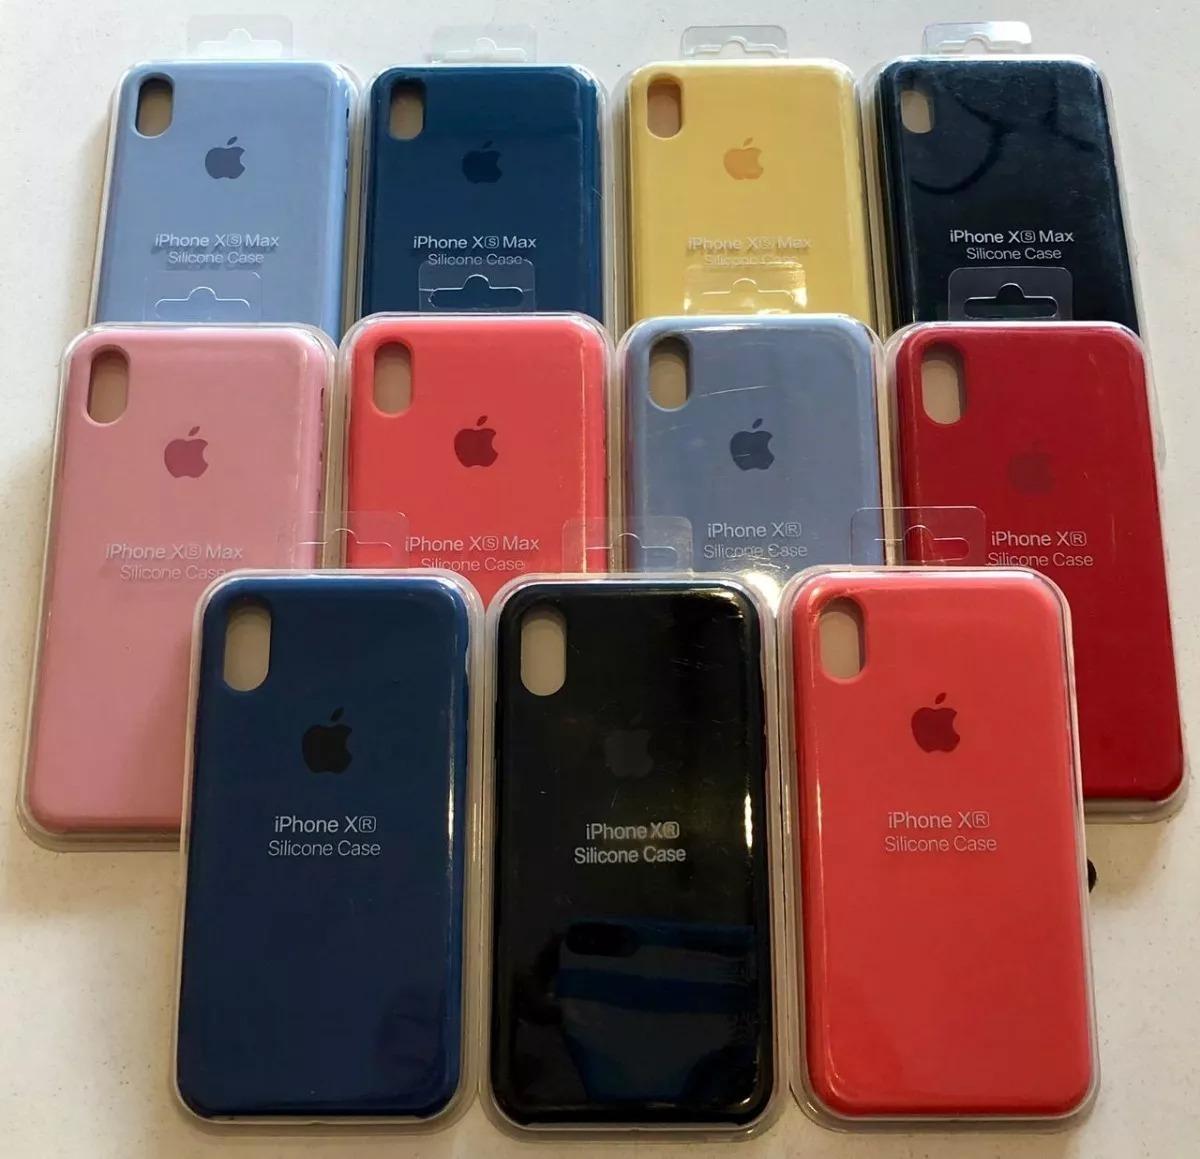 1205c206bcb Forros Apple Case iPhone X, Xs Max Y Xr Silicone Oferta - Bs. 70.000 ...